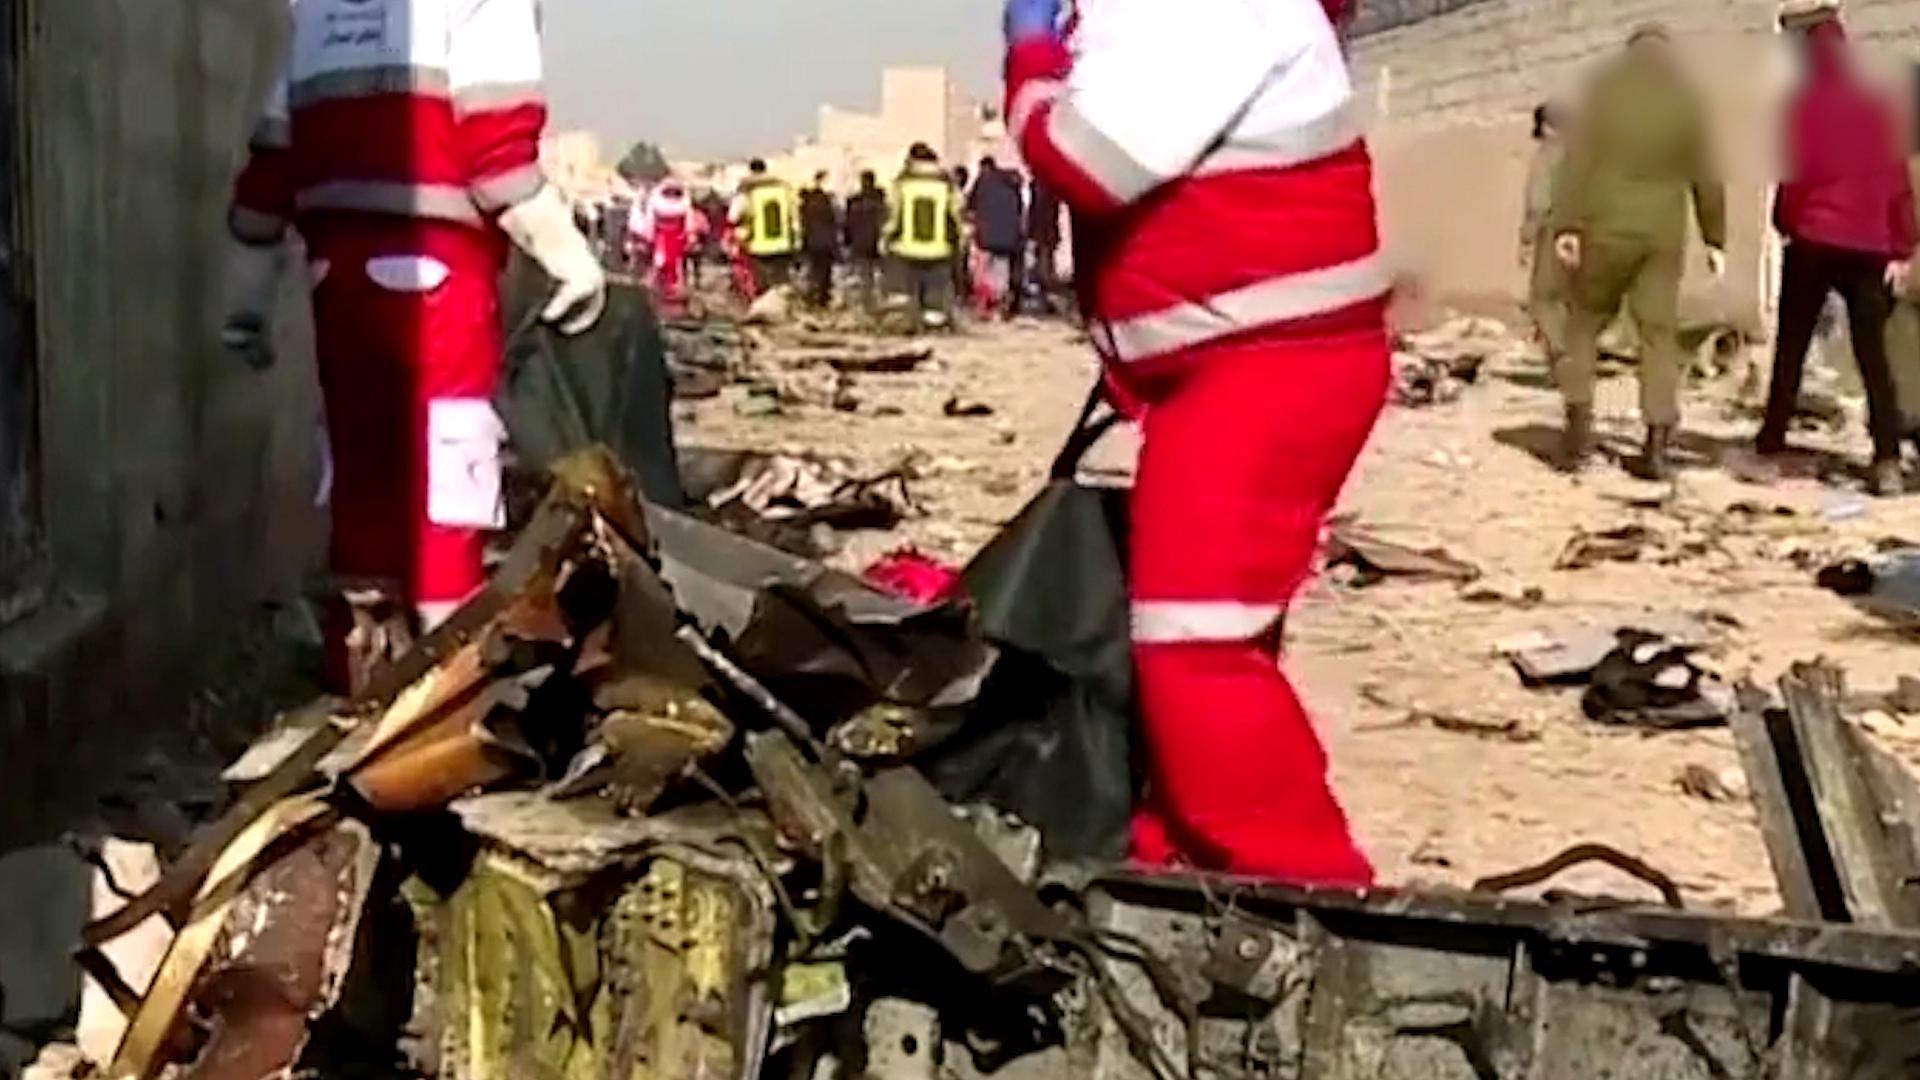 乌克兰客机坠机事件 逮捕多名嫌疑罪犯